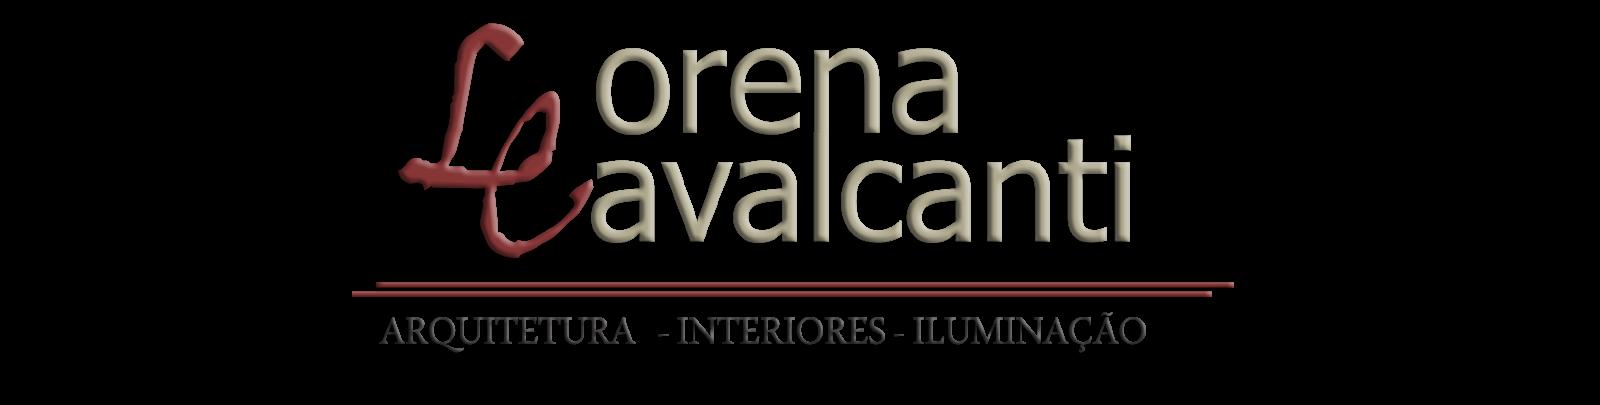 Lorena Cavalcanti Arquitetura